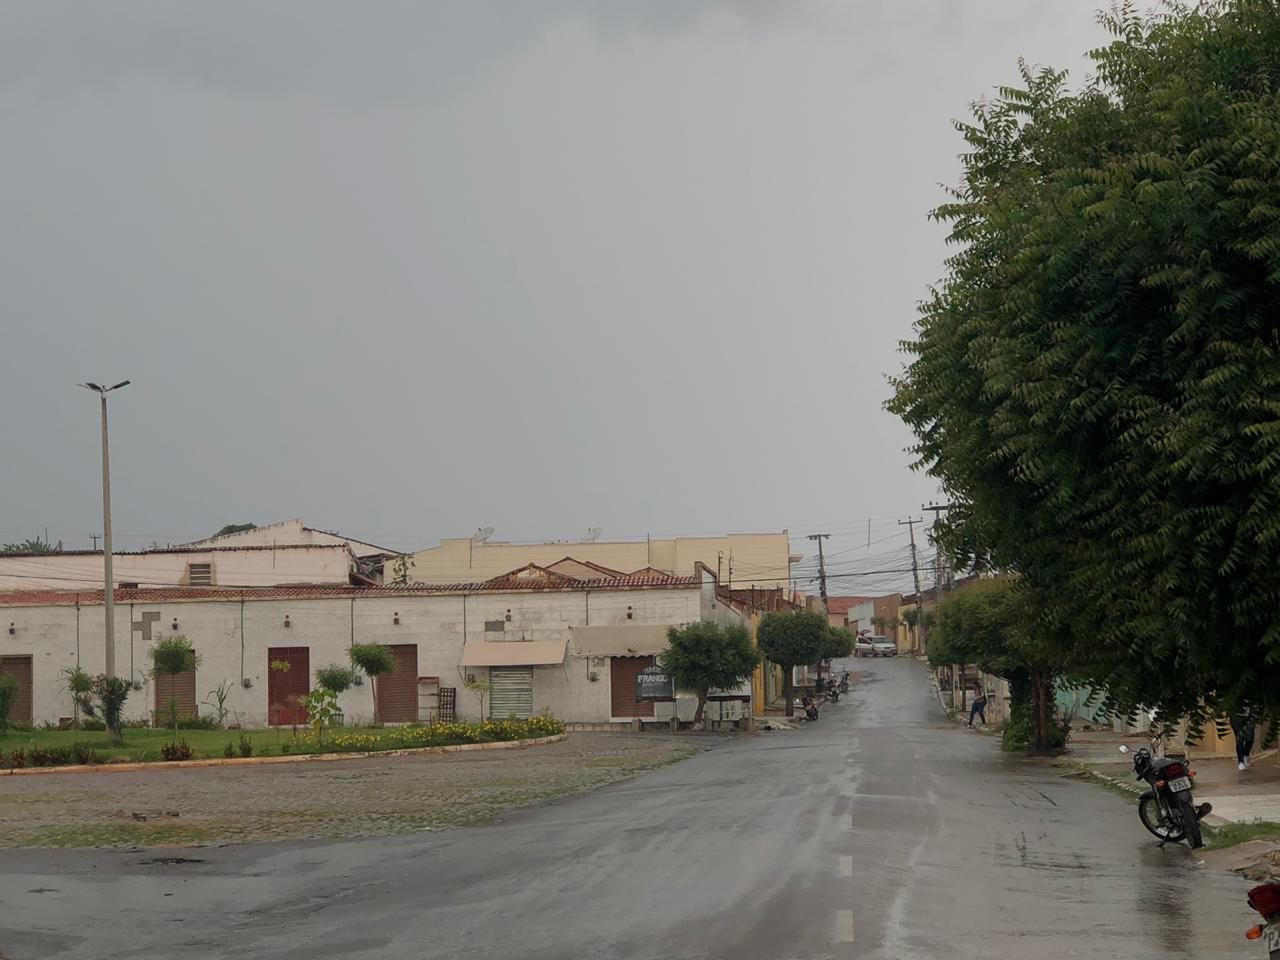 Em 24 horas, choveu em mais de 120 municípios do Ceará (FOTO: Marciel Bezerra)